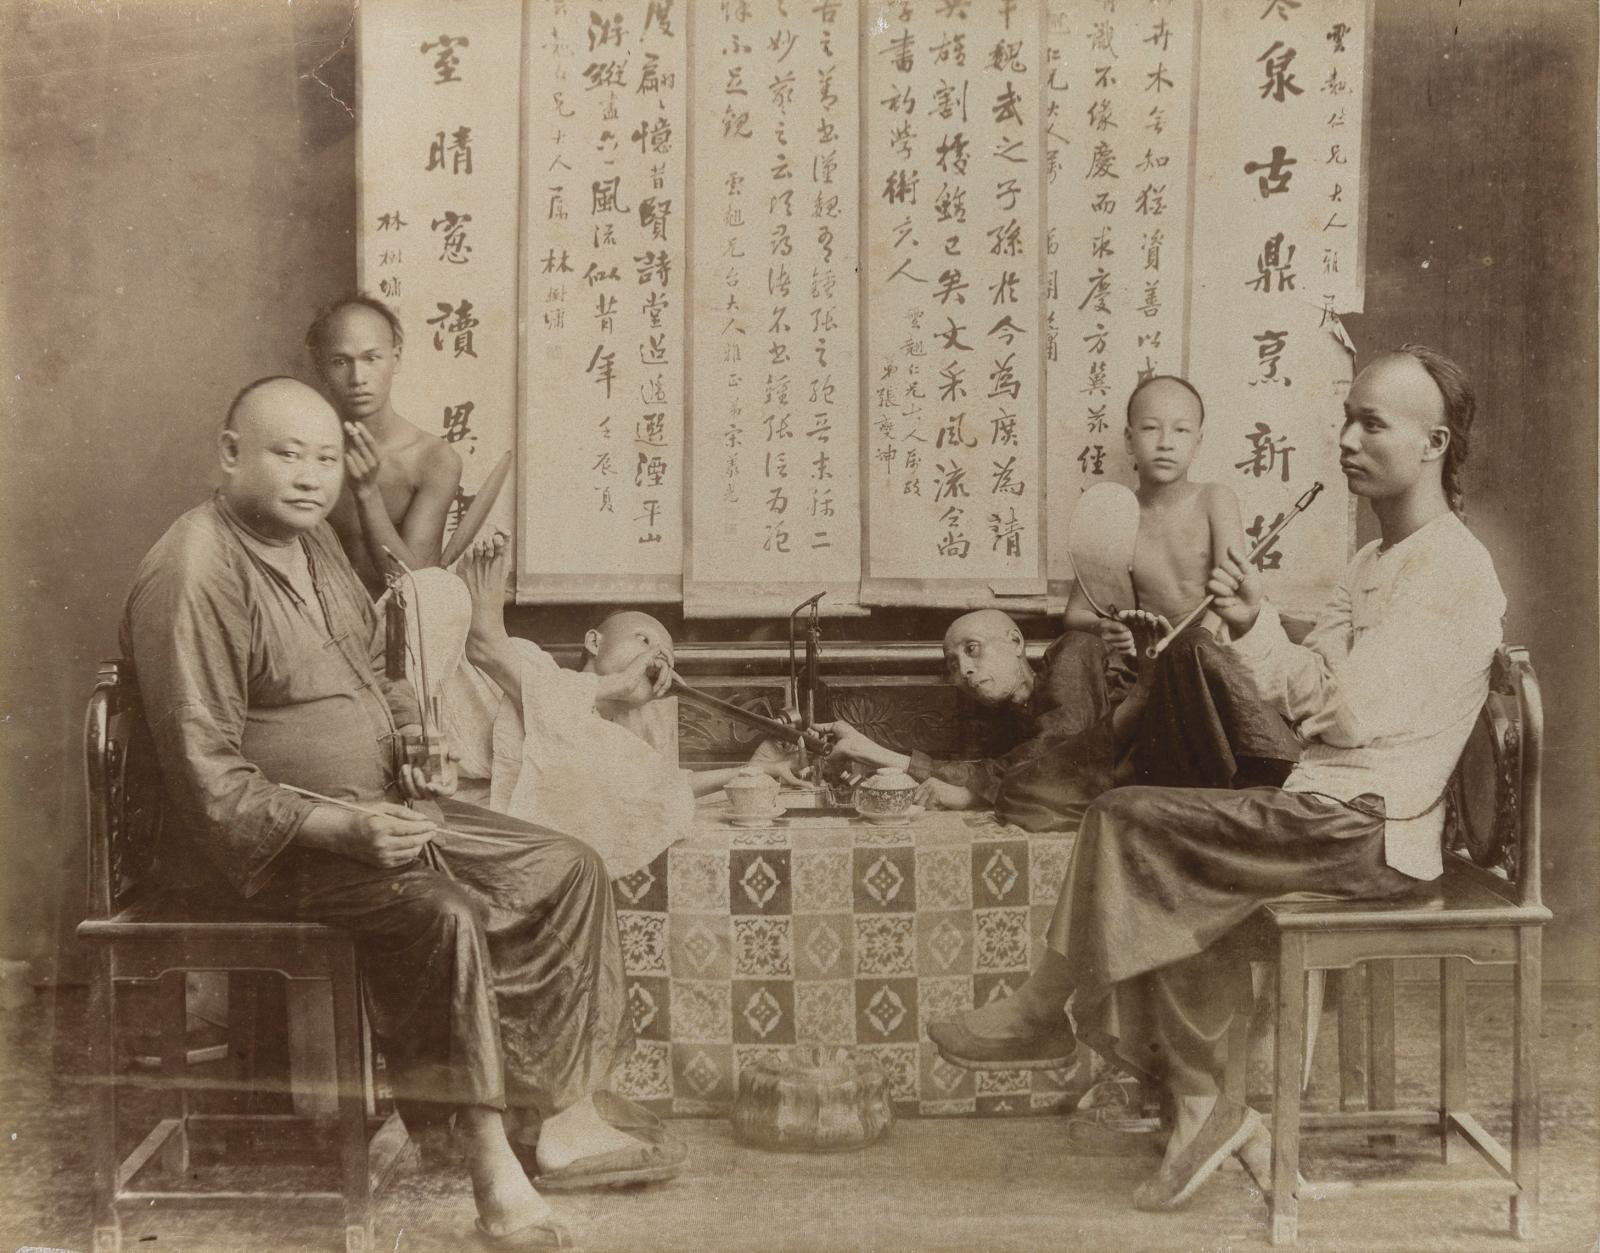 Vers 1900. Photo de deux fumeurs d'opium chinois, ancien tirage papier, 15x20cm. Estimation: 60/80€